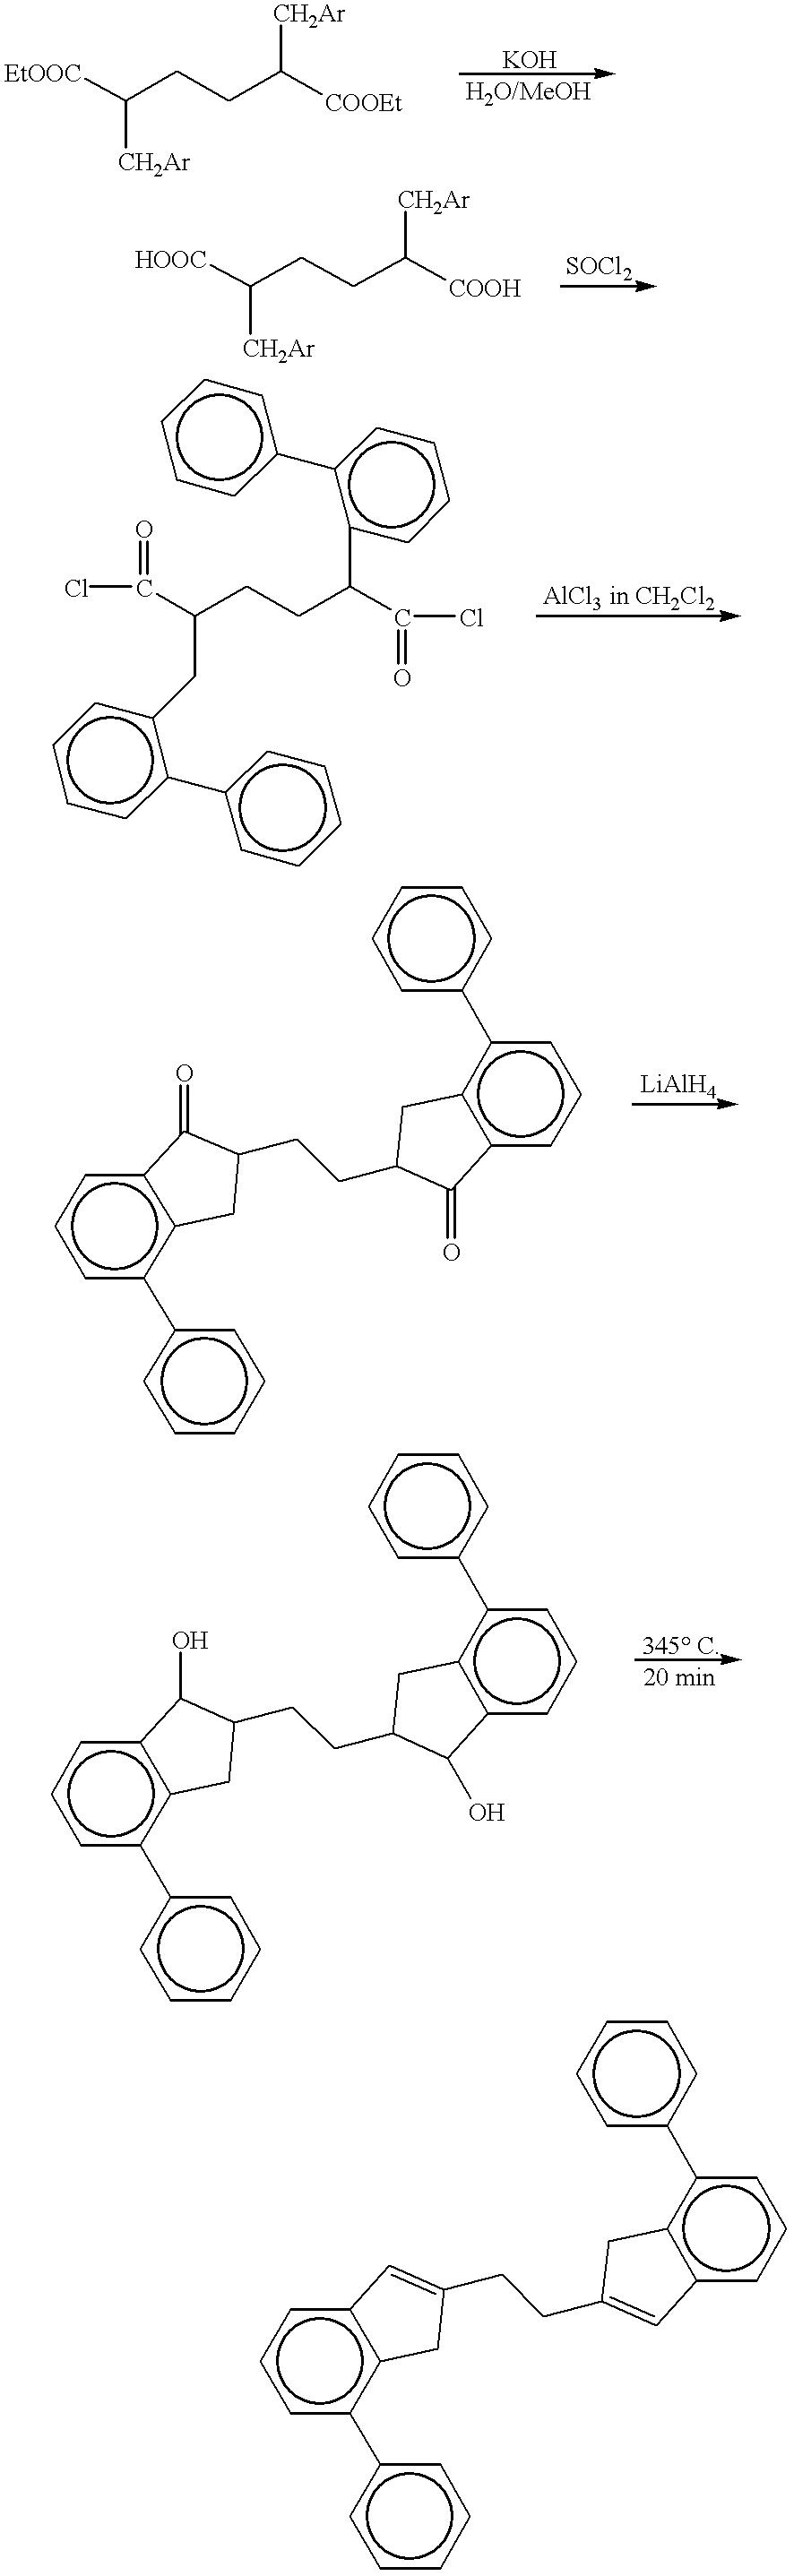 Figure US06673880-20040106-C00017